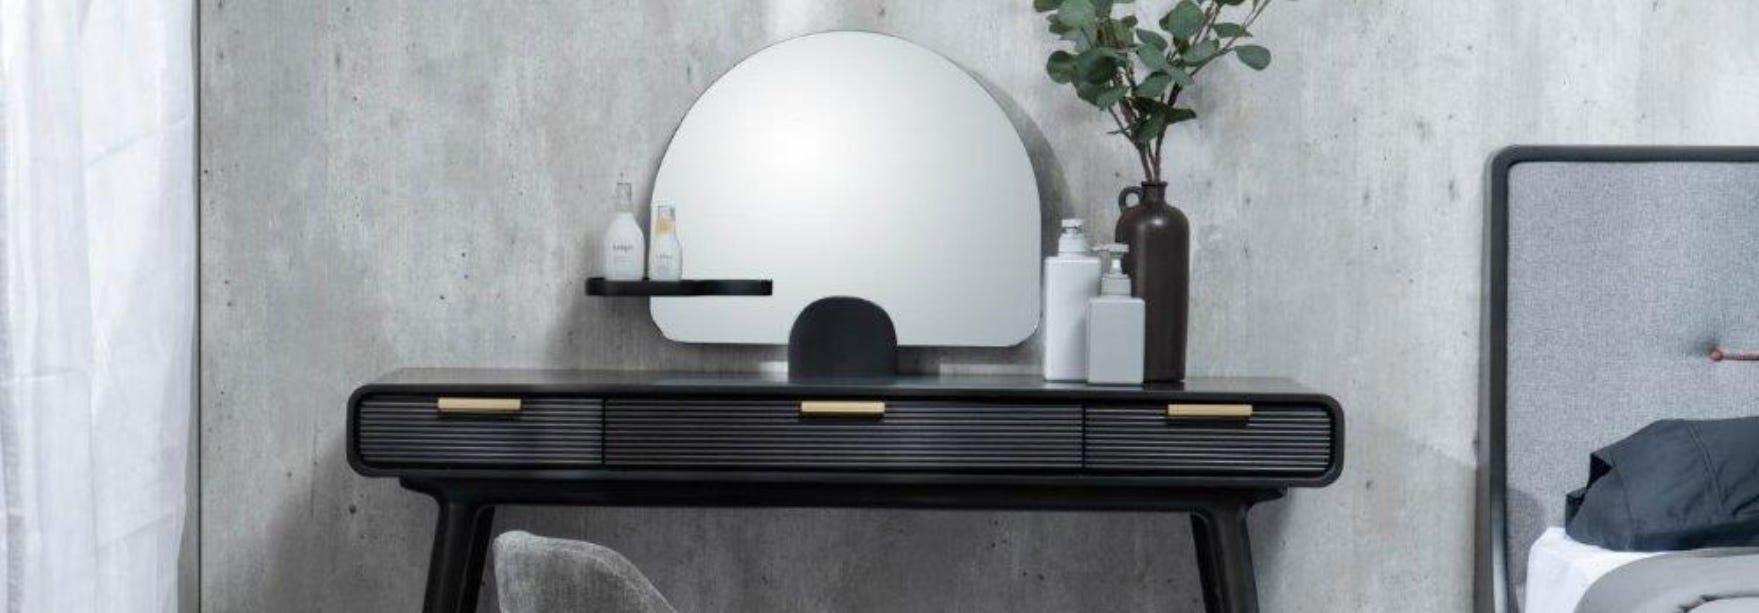 Furniture slider1